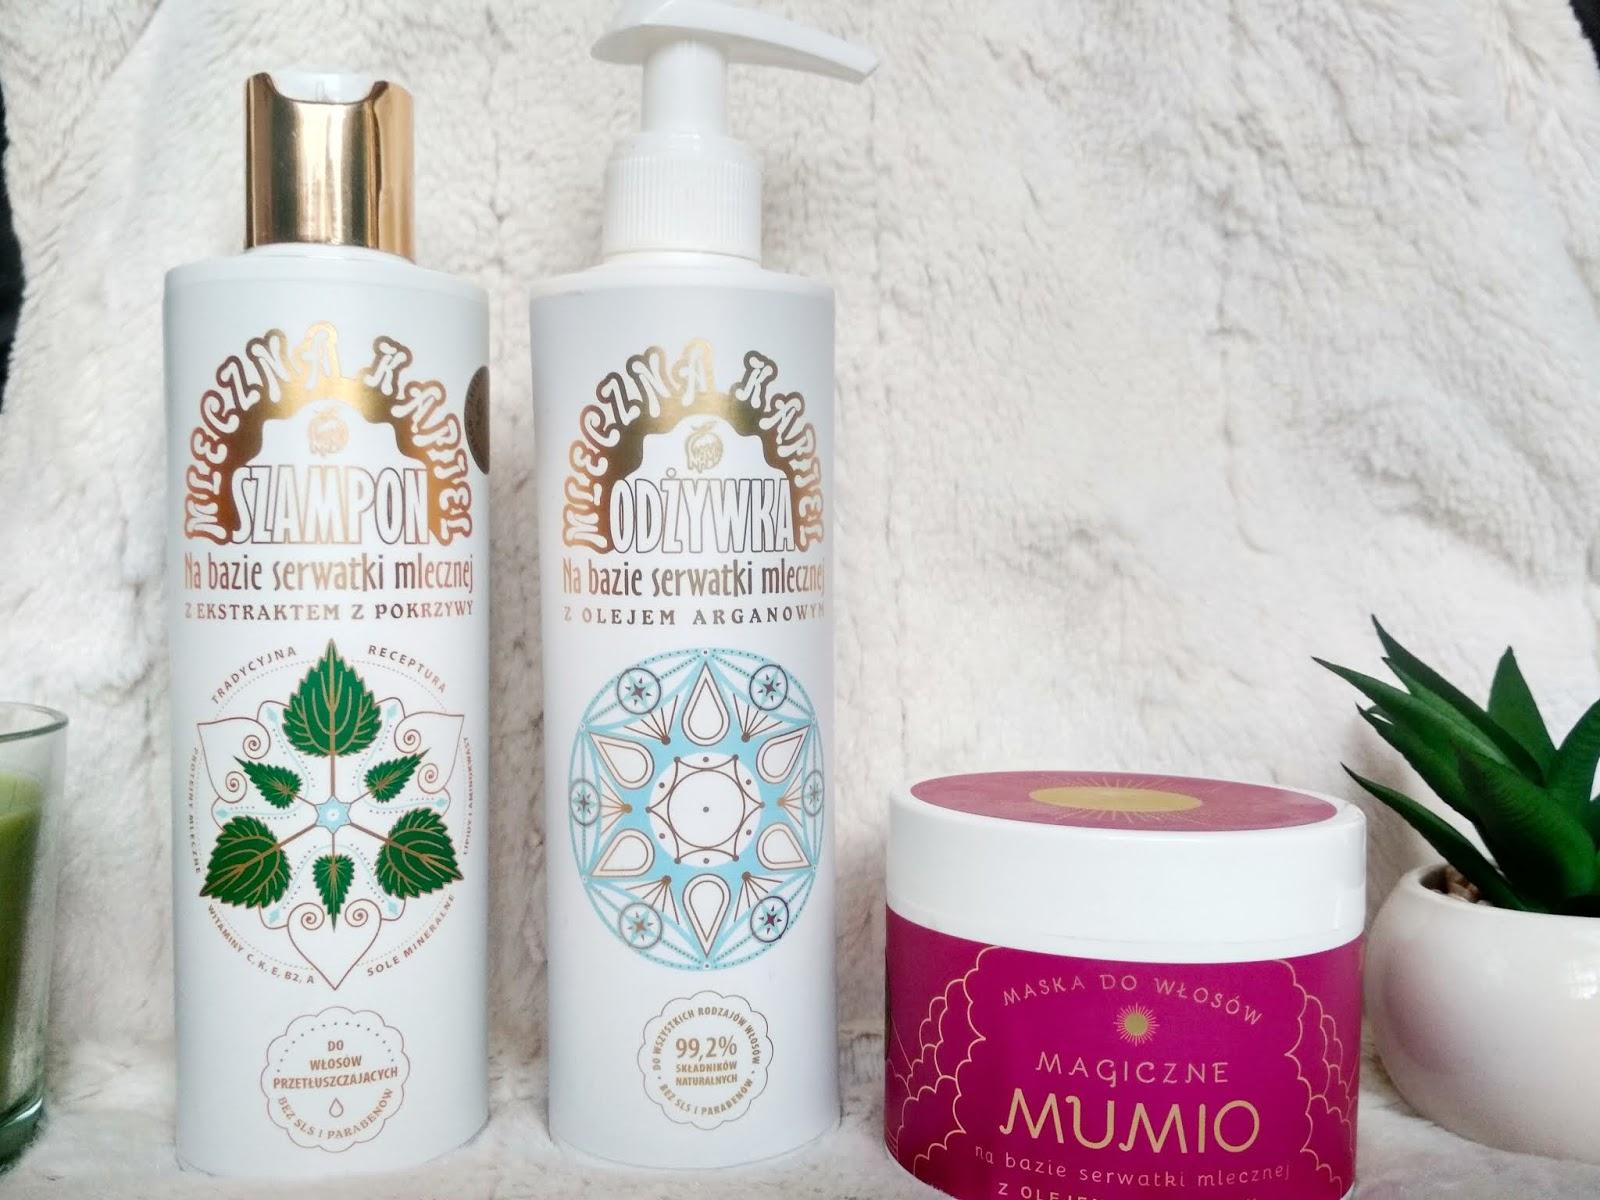 Kosmetyki naturalne NAMI - szampon, odżywka i maska do włosów